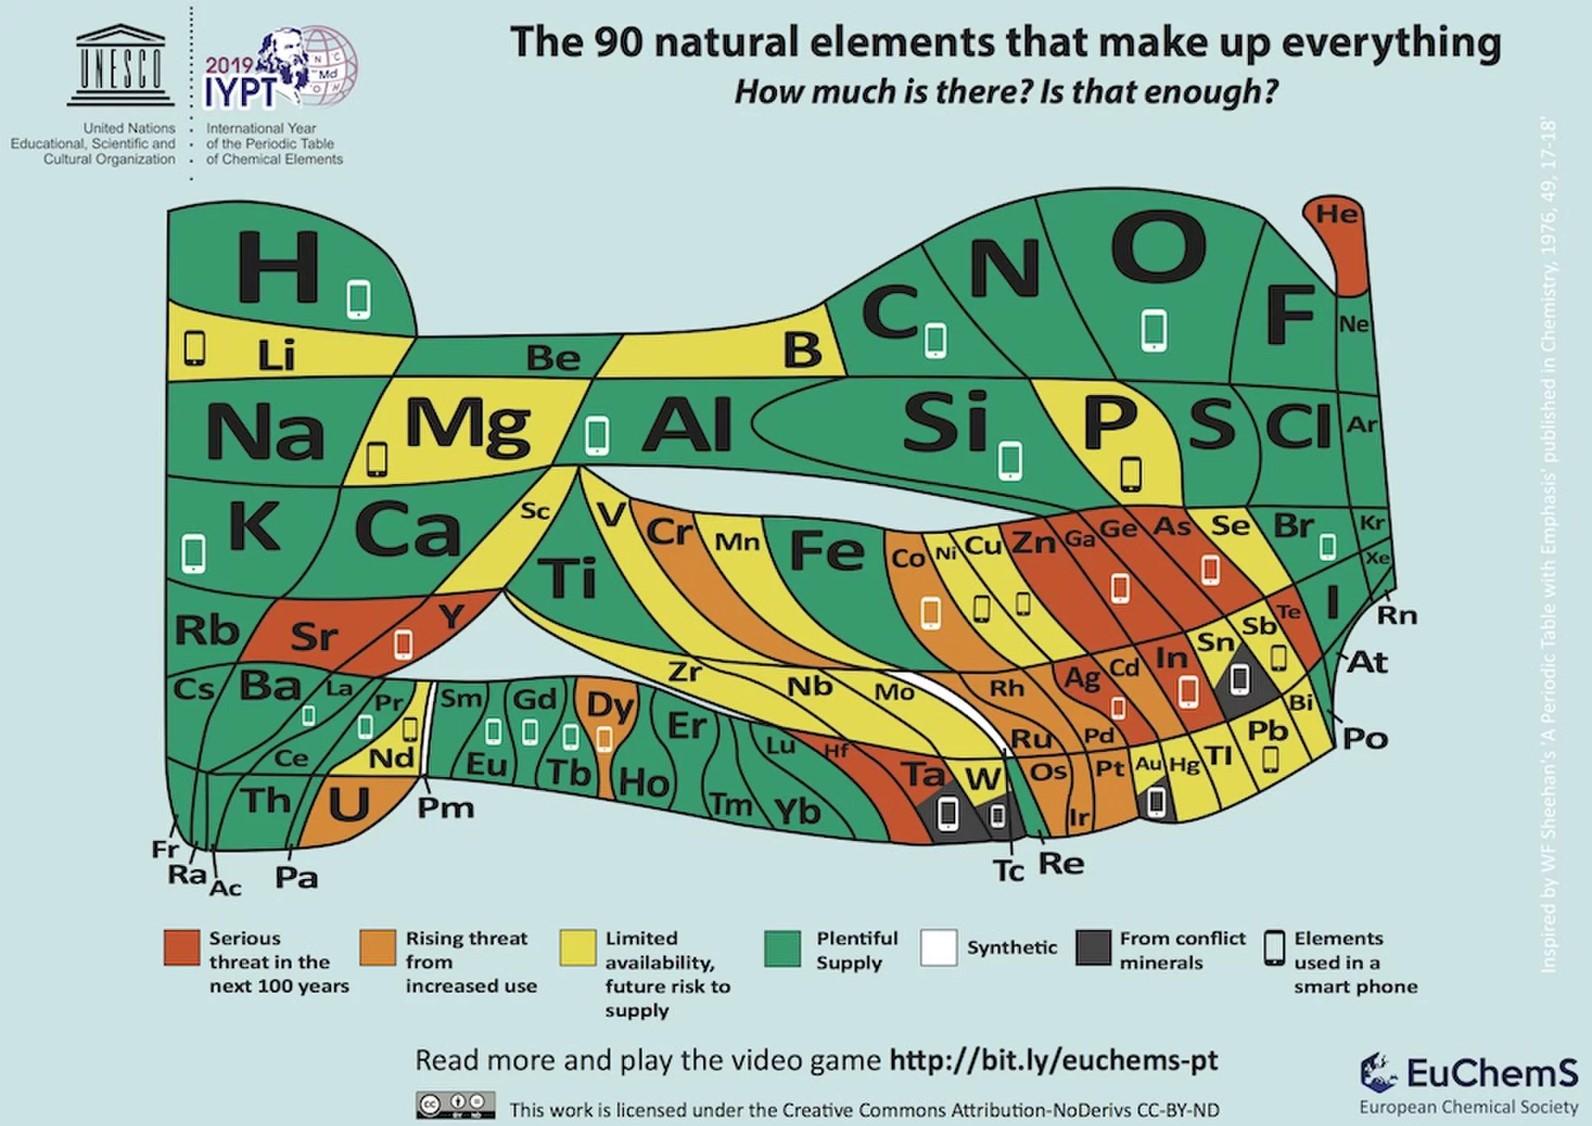 בטבלה שהפיקה החברה האירופית לכימיה היסודות צבועים לפי דרגות הסיכון להיעלמותם וכן מסומנים אלו המשמשים בטלפונים חכמים | מקור: EUCHEMS